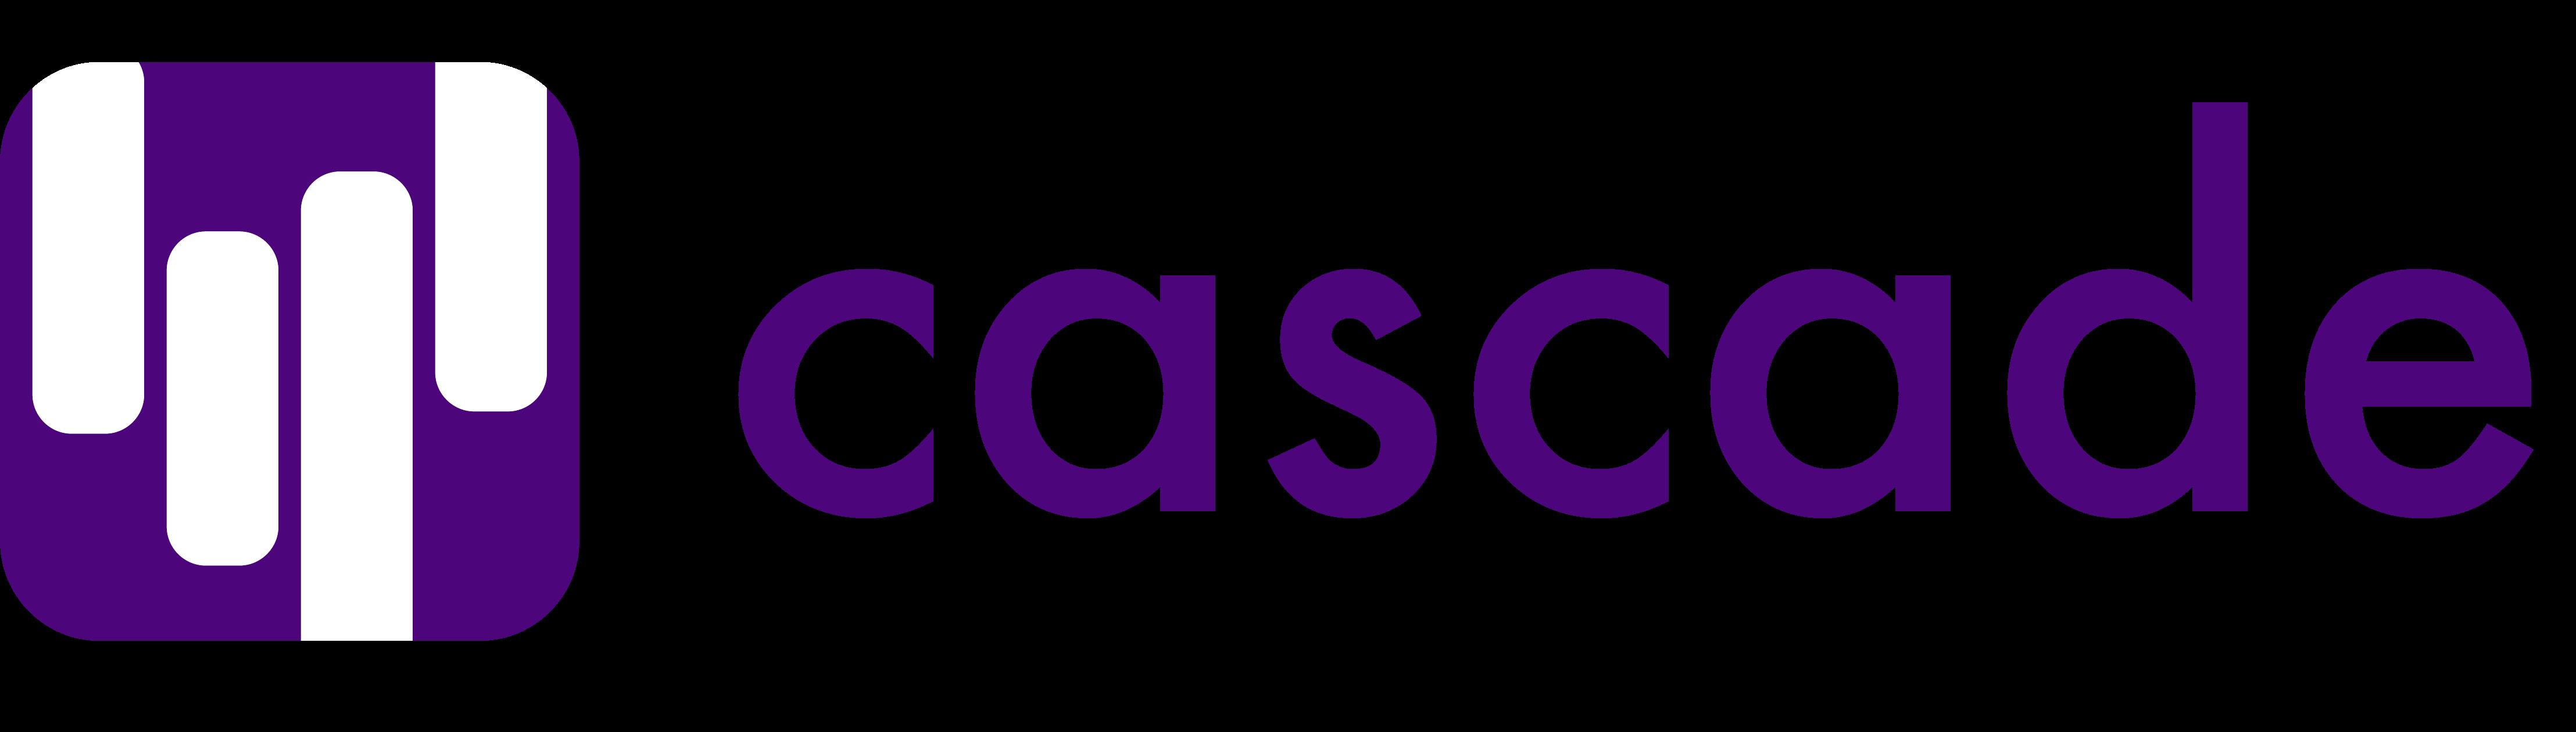 Cascade.Bio logo